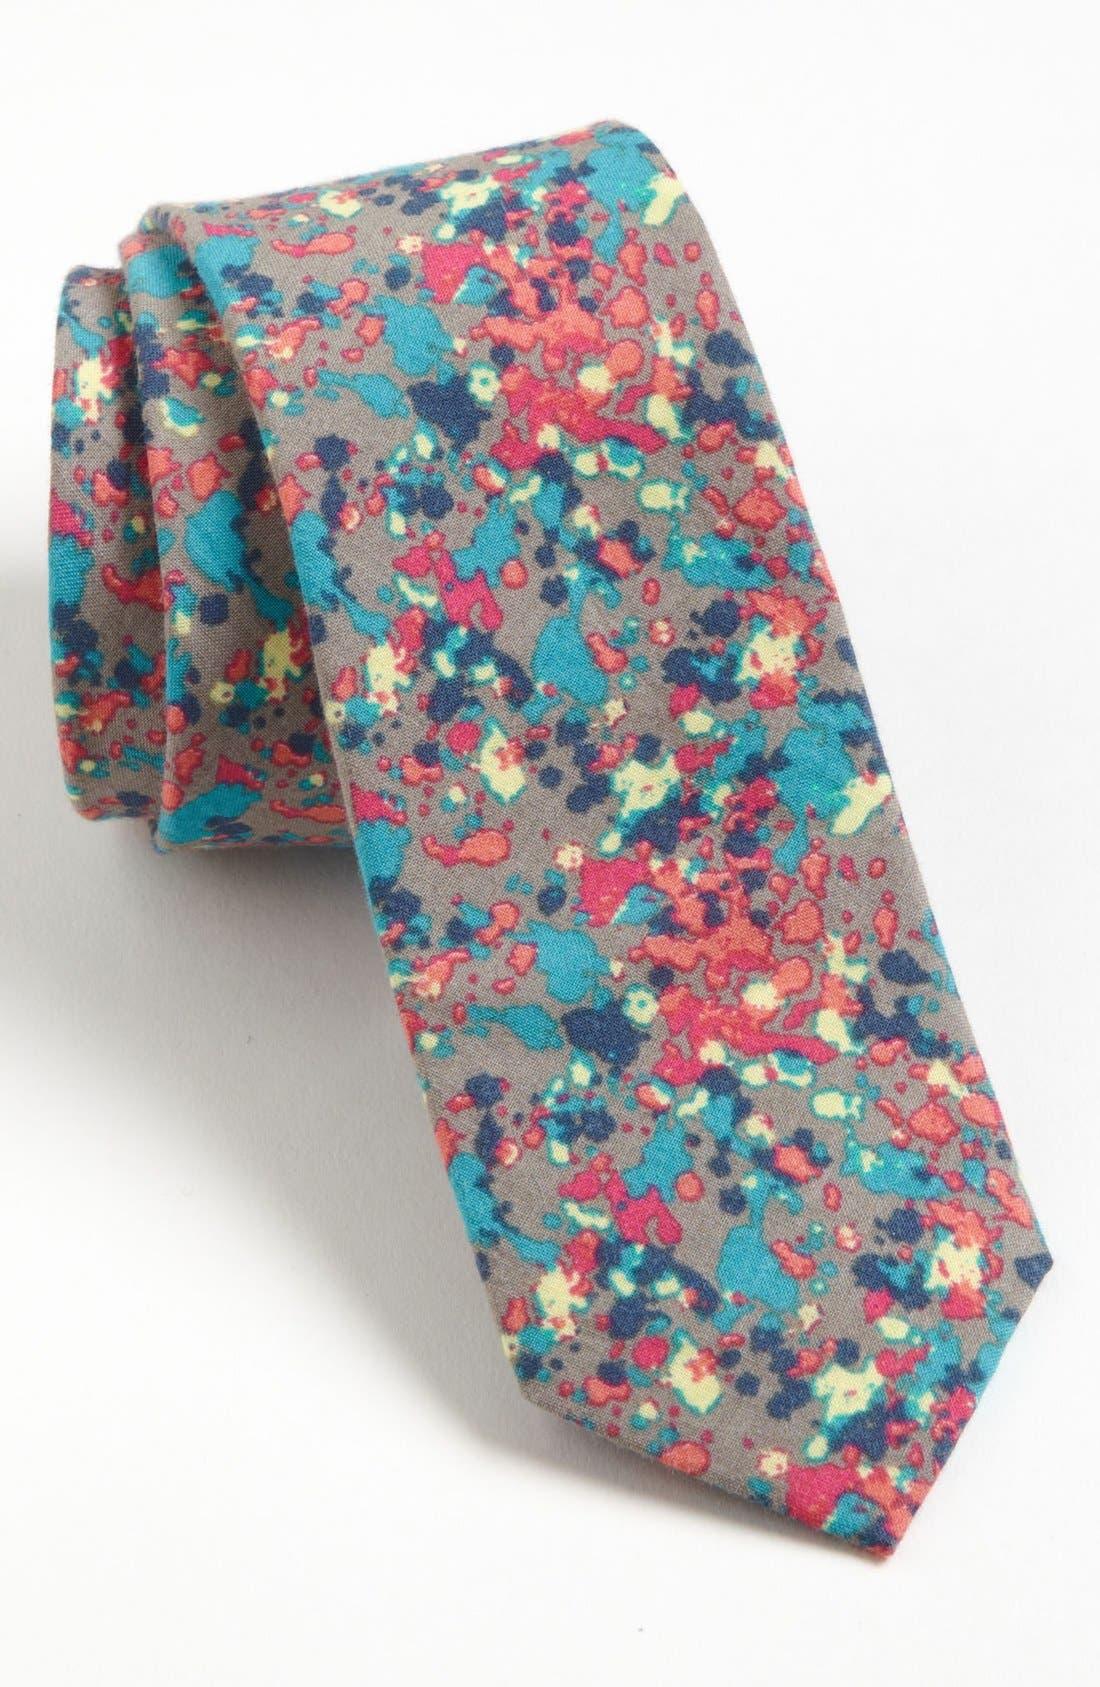 TOPMAN, Paint Splatter Print Woven Cotton Tie, Main thumbnail 1, color, 020